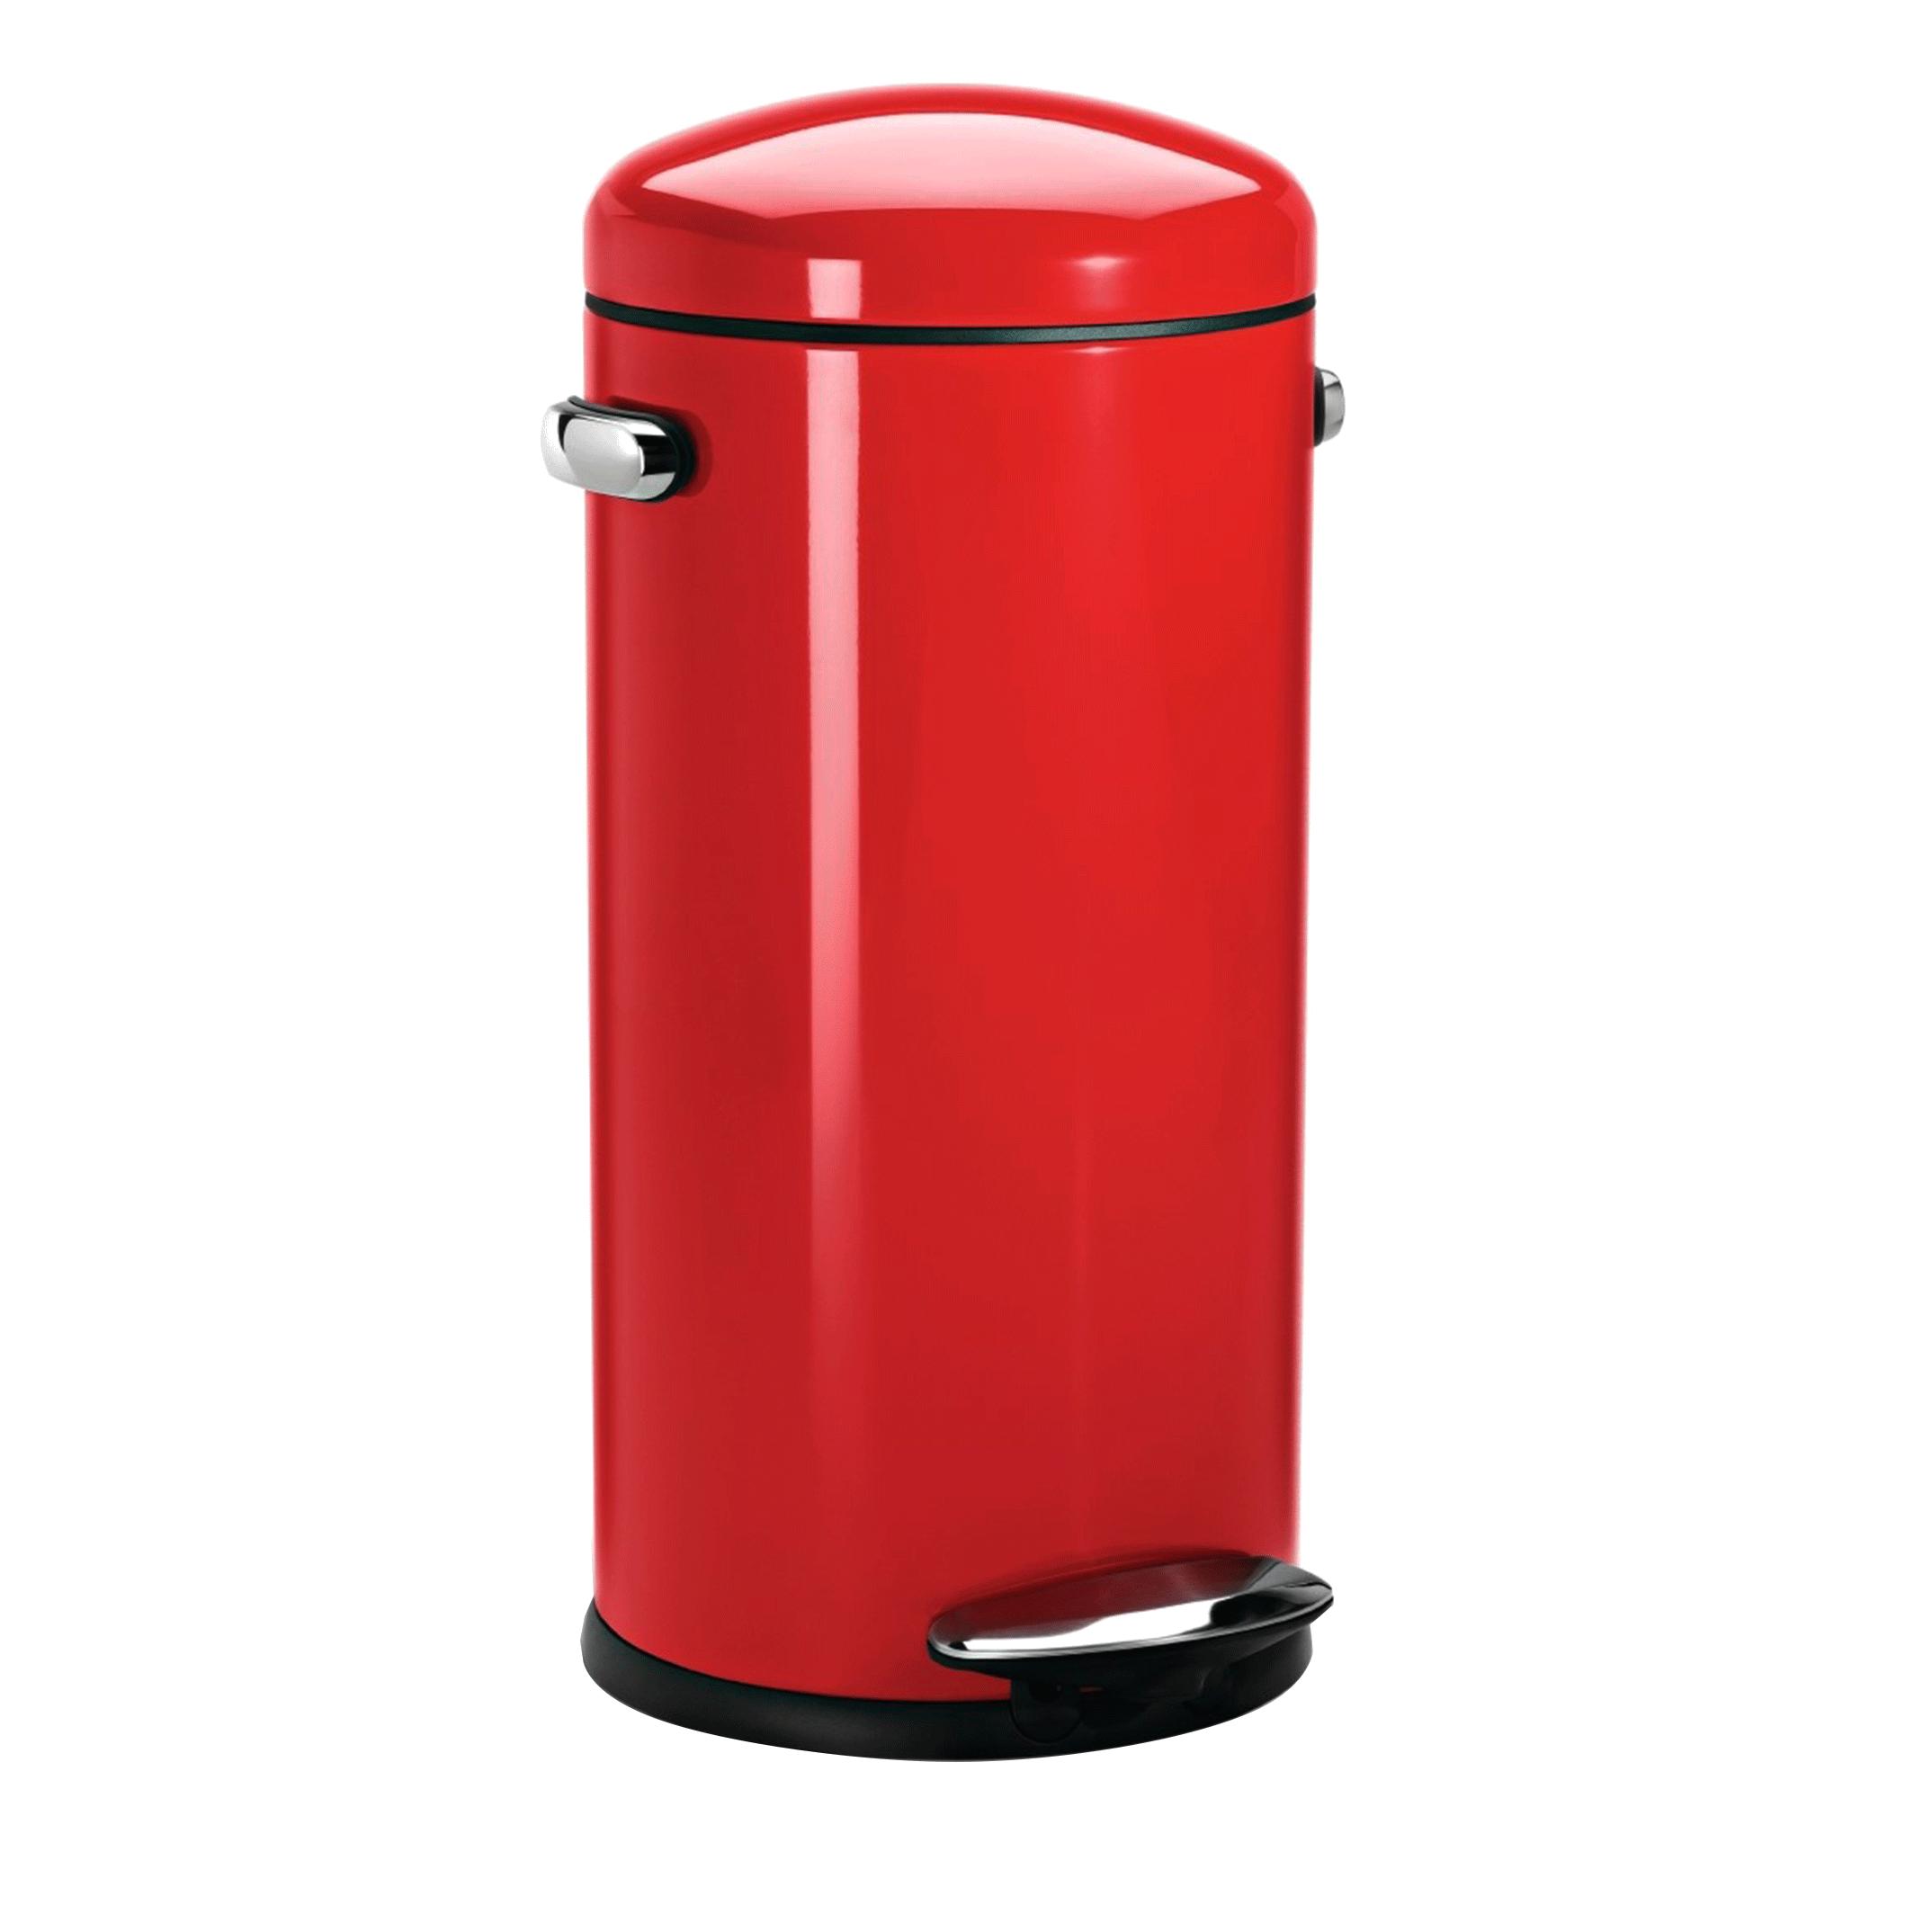 Poubelle r tro en m tal rouge p dale 30 litres cuisine - Poubelle cuisine 50l design ...